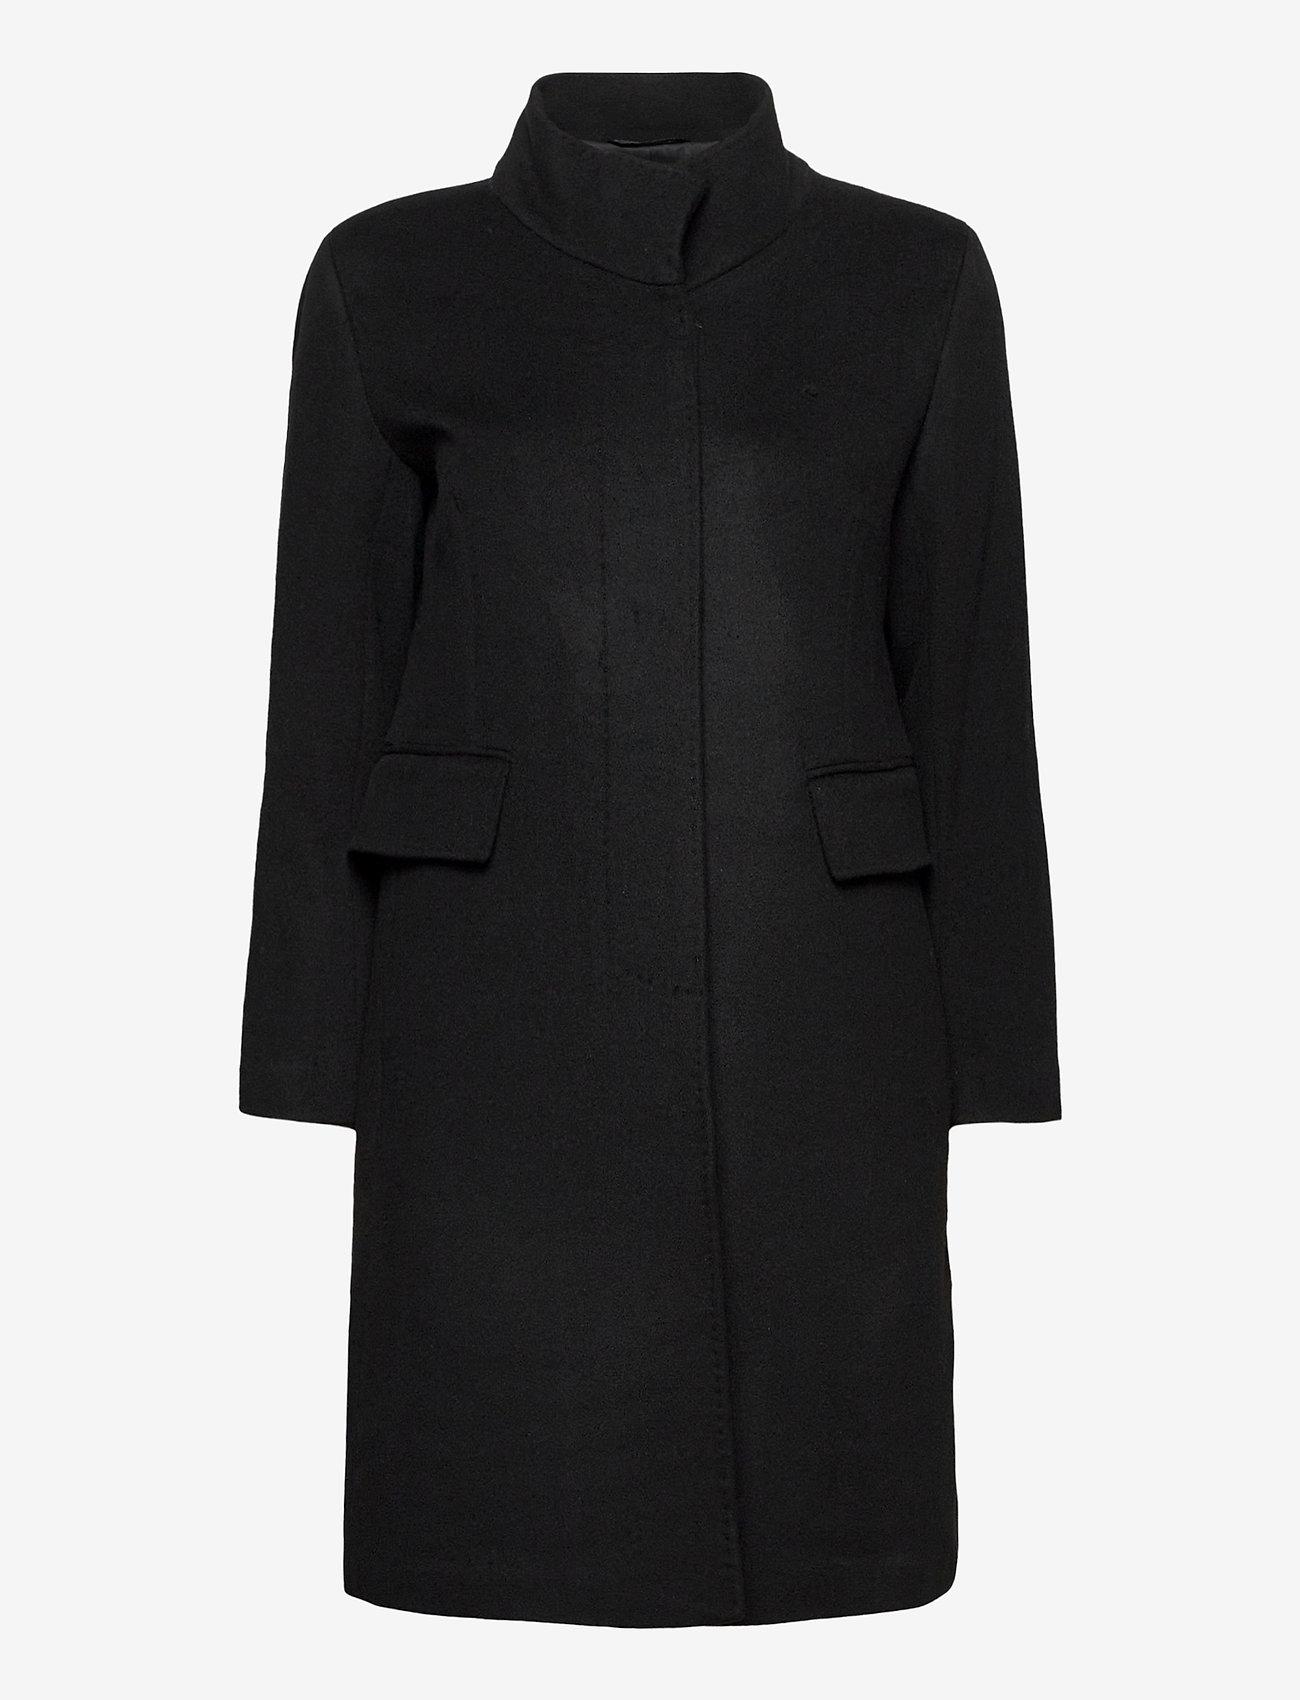 SAND - Cashmere Coat W - Parker 3 - wollen jassen - black - 1